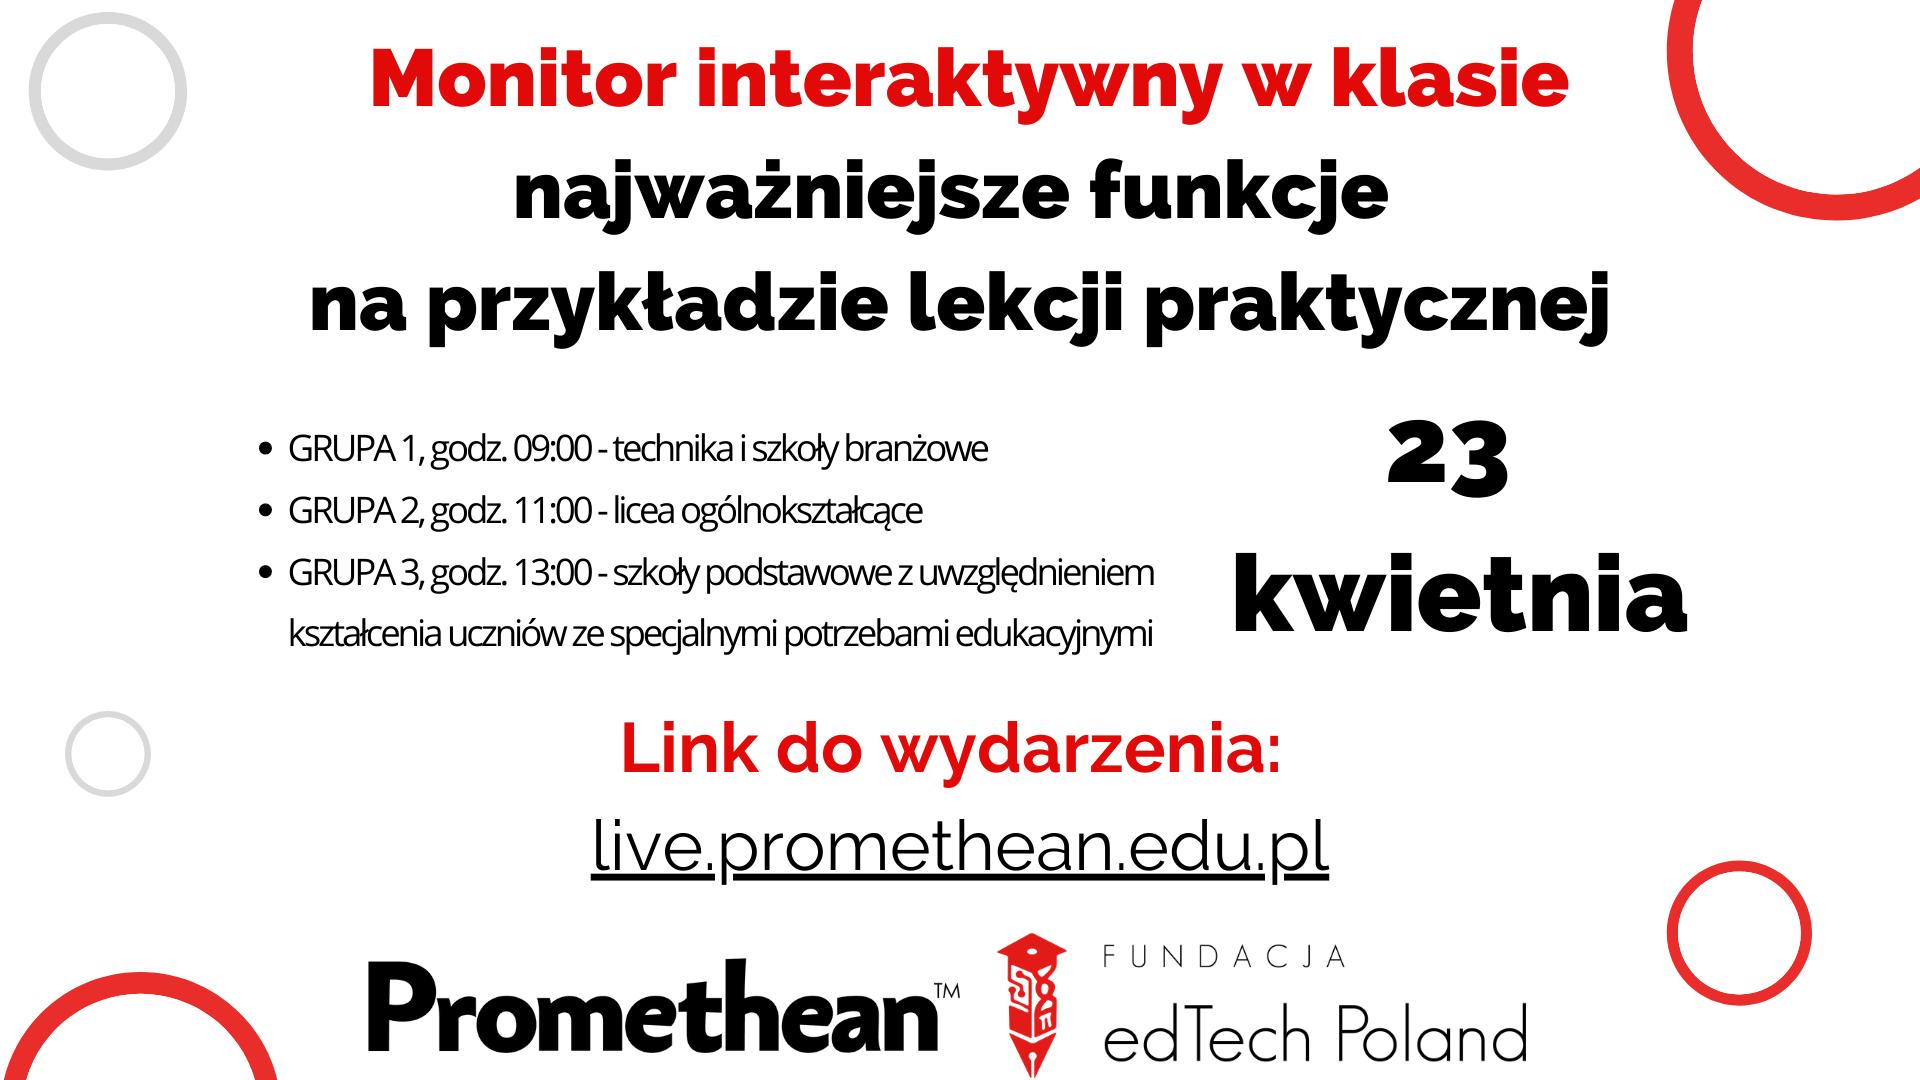 Monitor interaktywny w klasie -  najważniejsze funkcje na przykładzie lekcji praktycznej